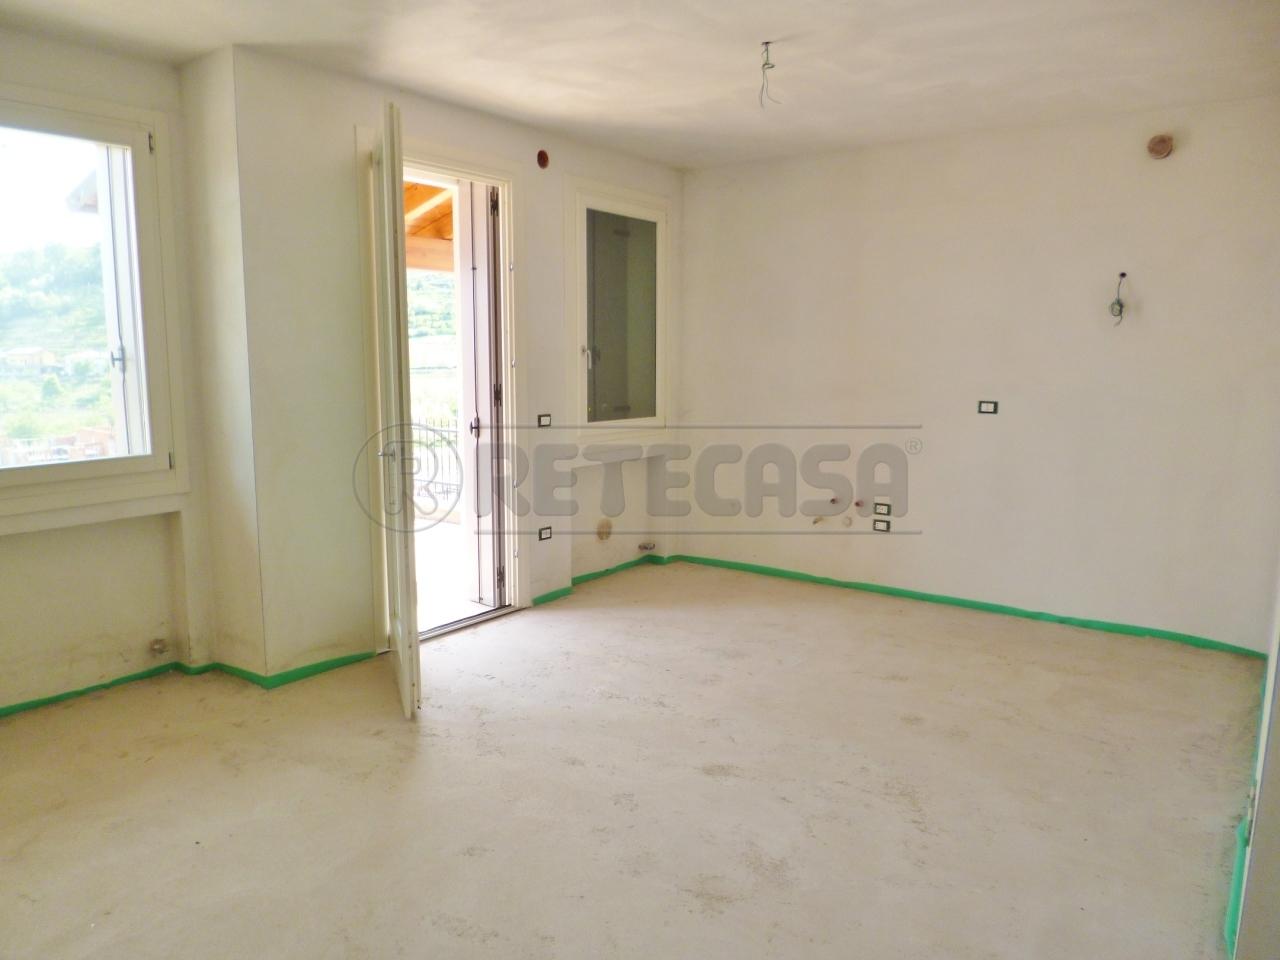 Appartamento in vendita a Roncà, 3 locali, prezzo € 70.000   CambioCasa.it